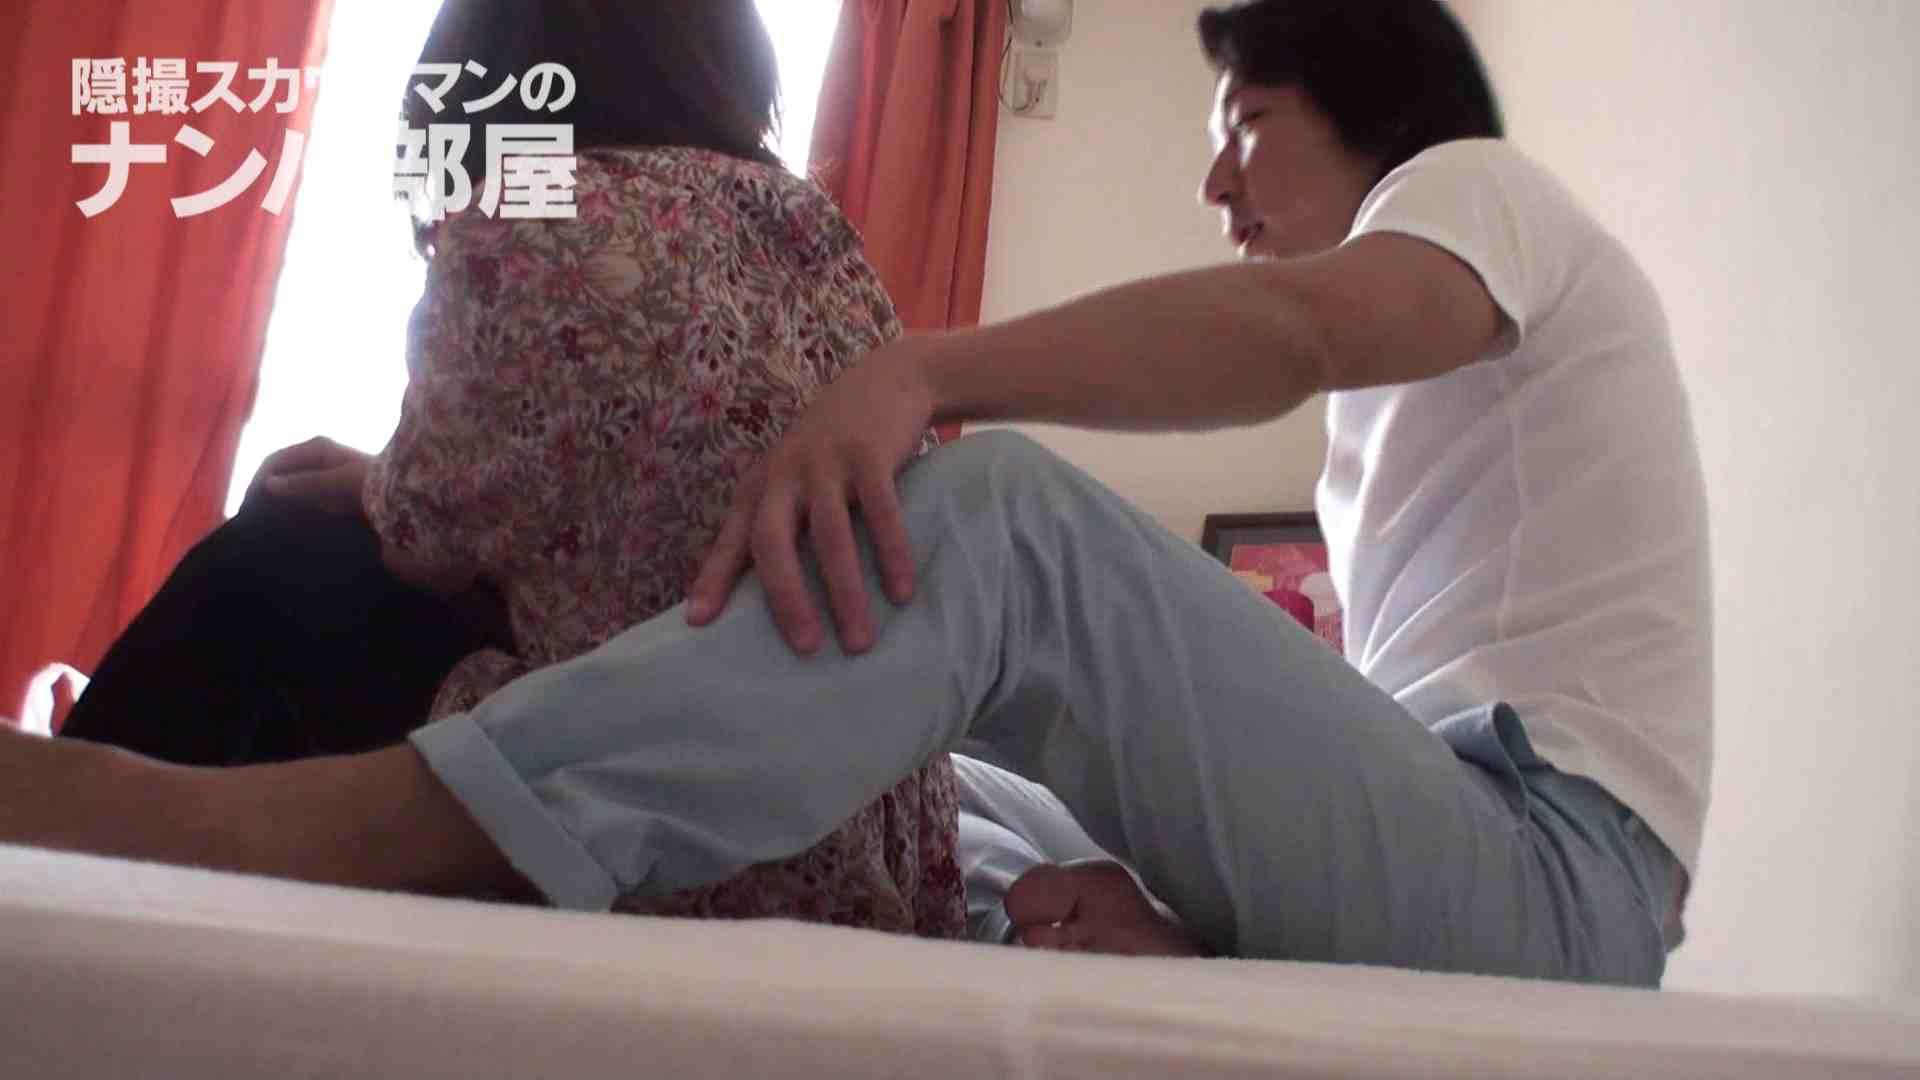 隠撮スカウトマンのナンパ部屋~風俗デビュー前のつまみ食い~ sii 隠撮   脱衣所  67pic 15